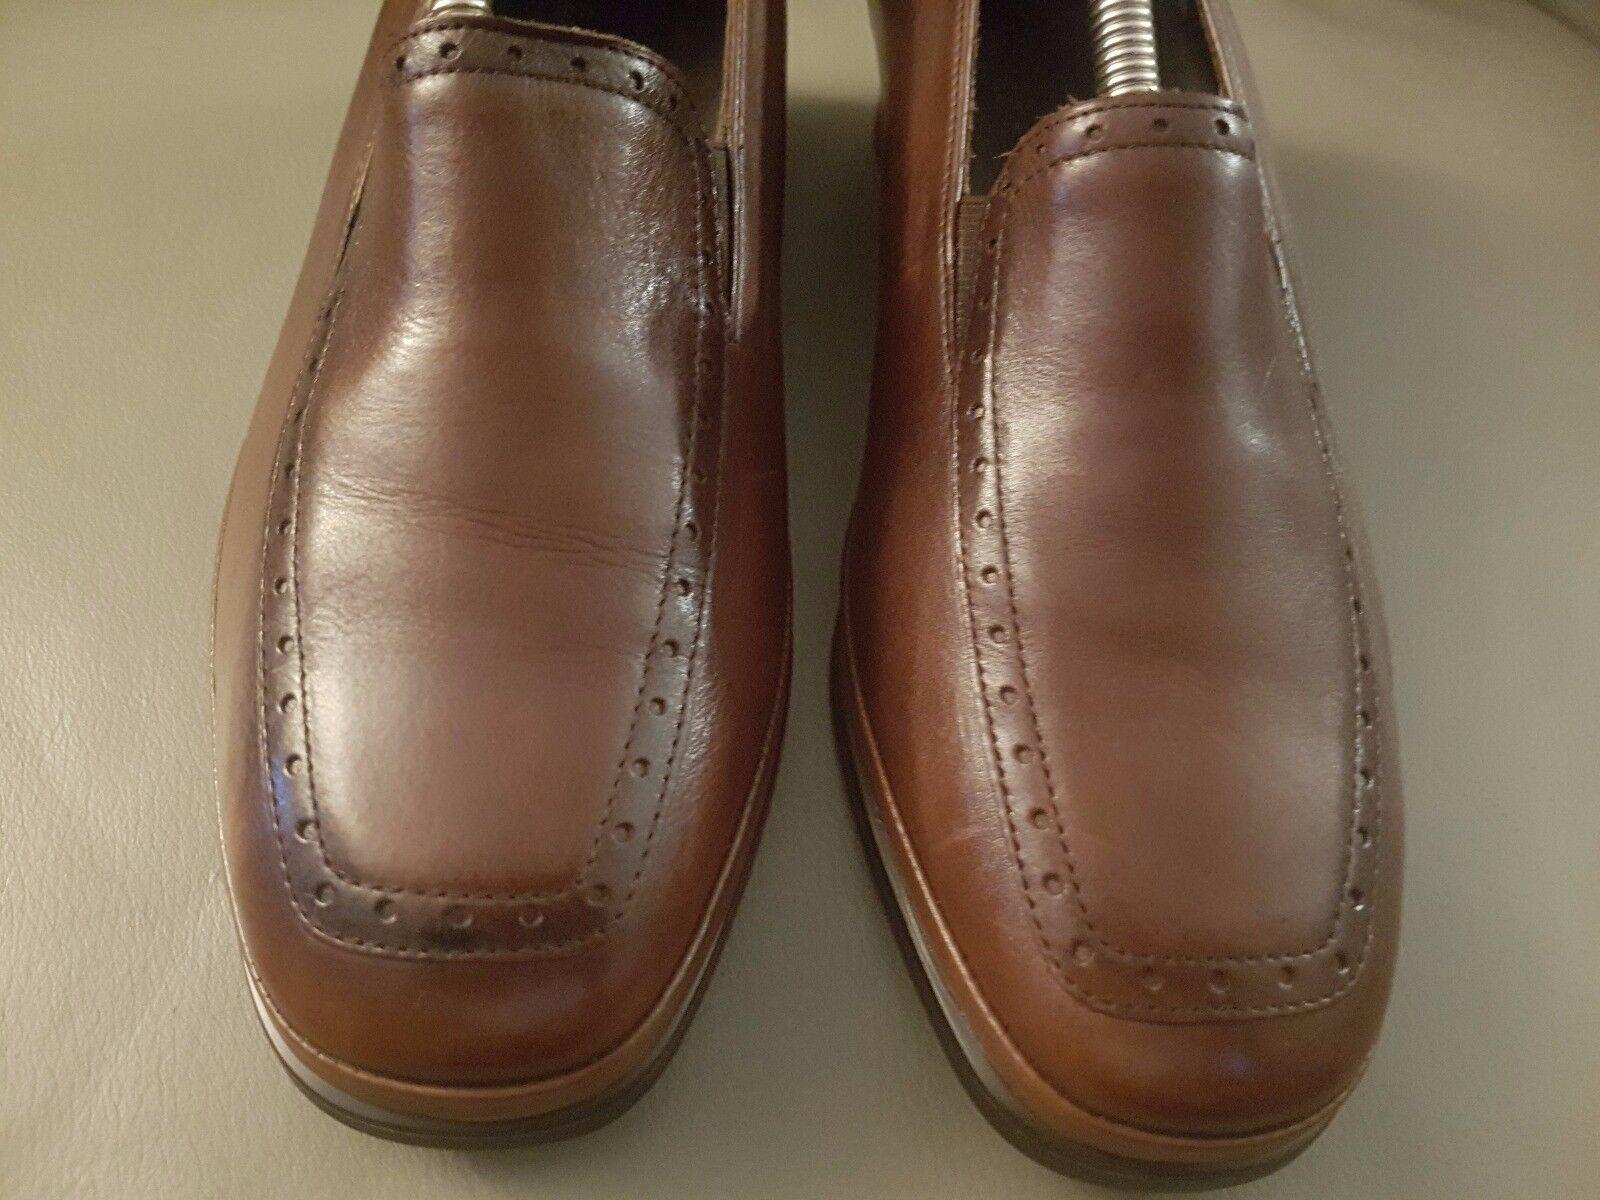 Semler Leichtfüßig Damen Pumps Schuhe Leder dunkelbraun Gr 5.5 / 38.5 wie neu